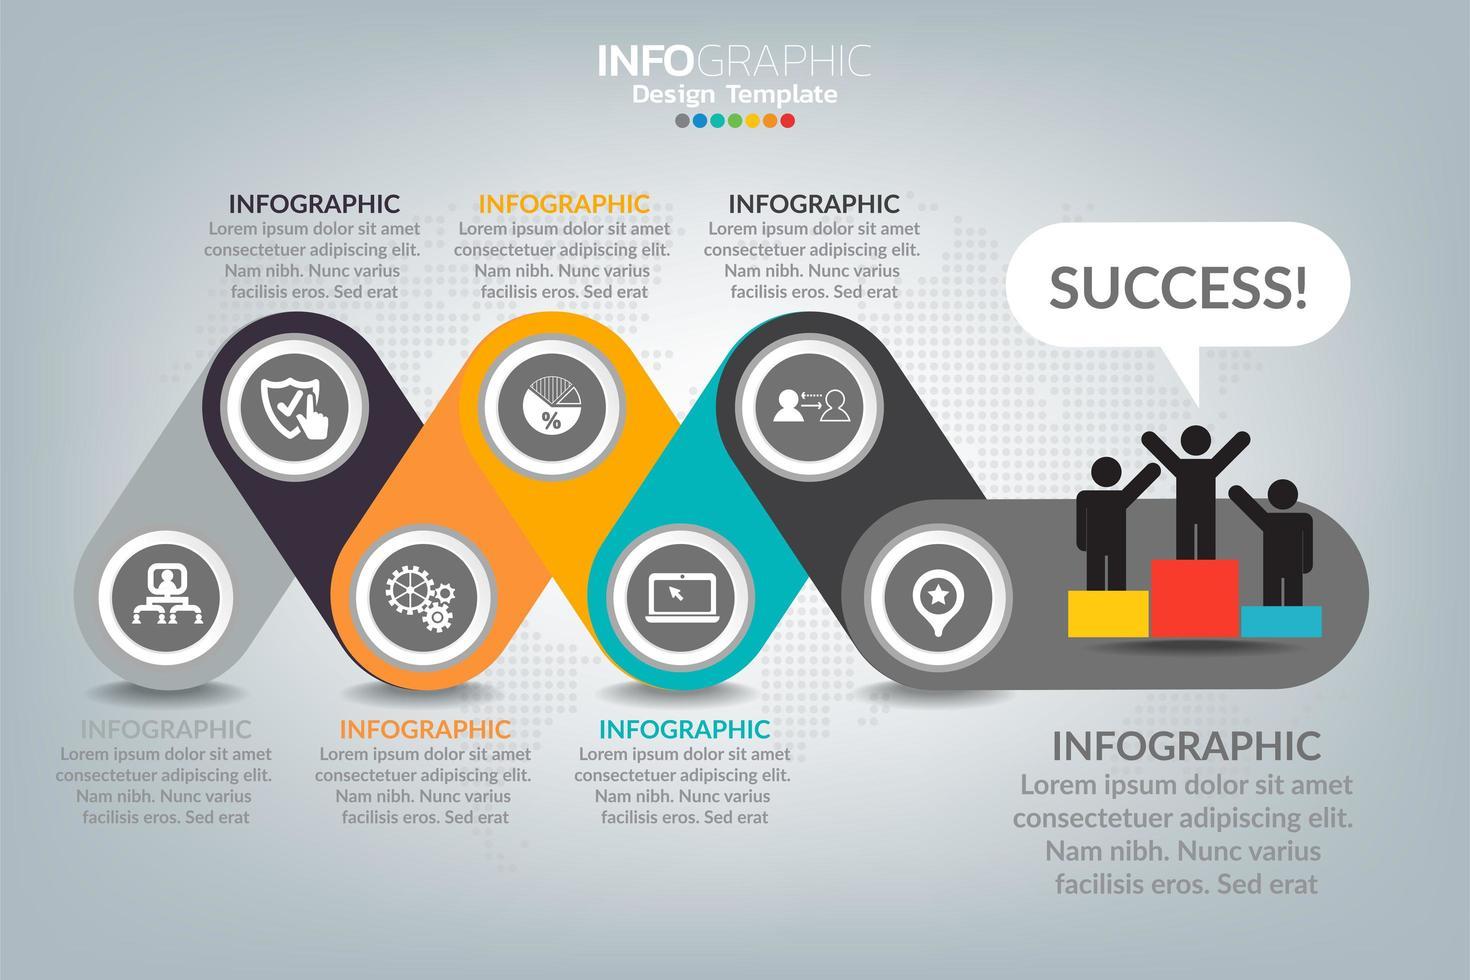 cómo tener éxito en la infografía empresarial vector